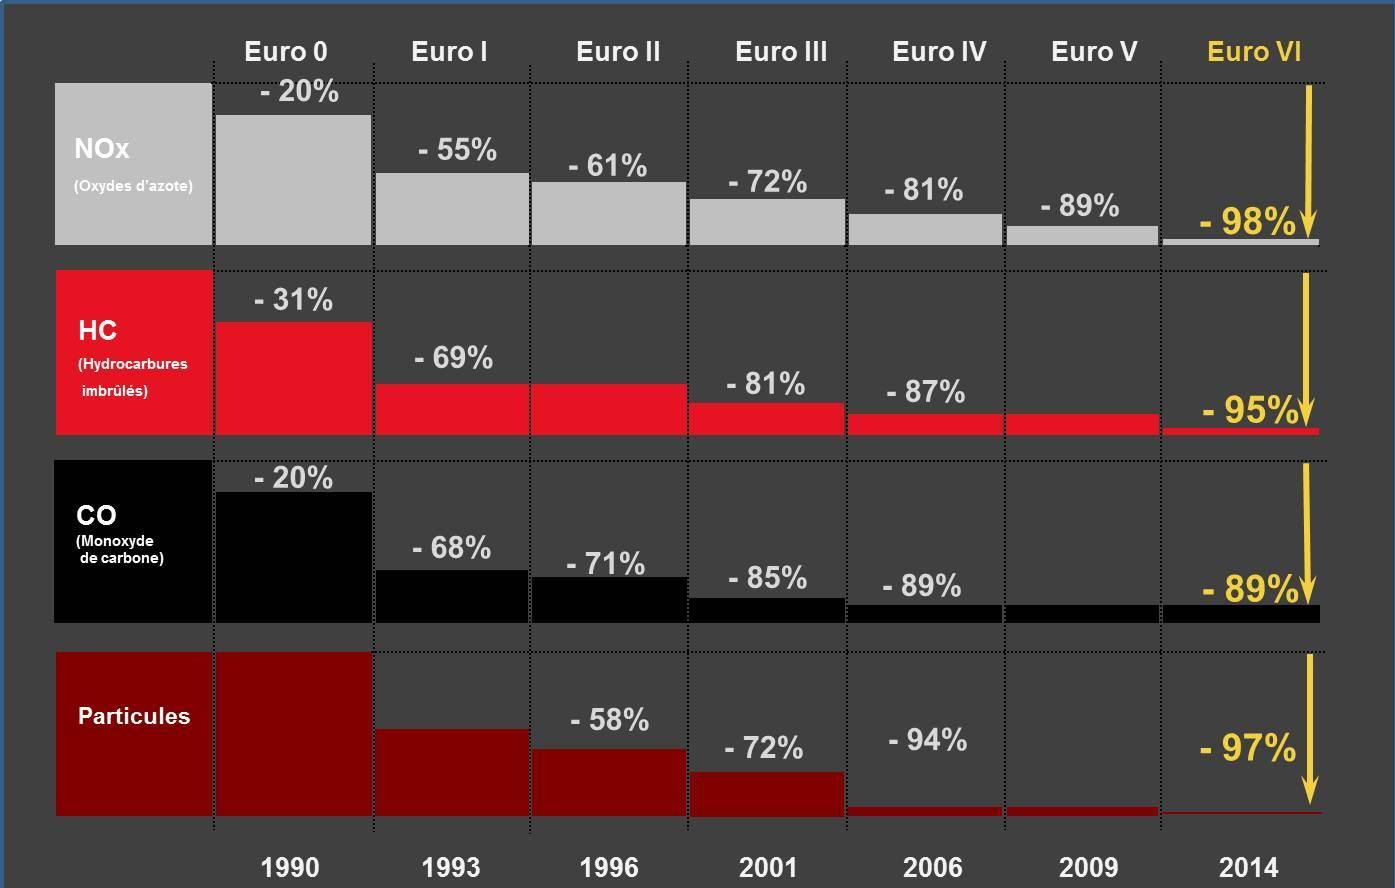 Evolutia normei Euro